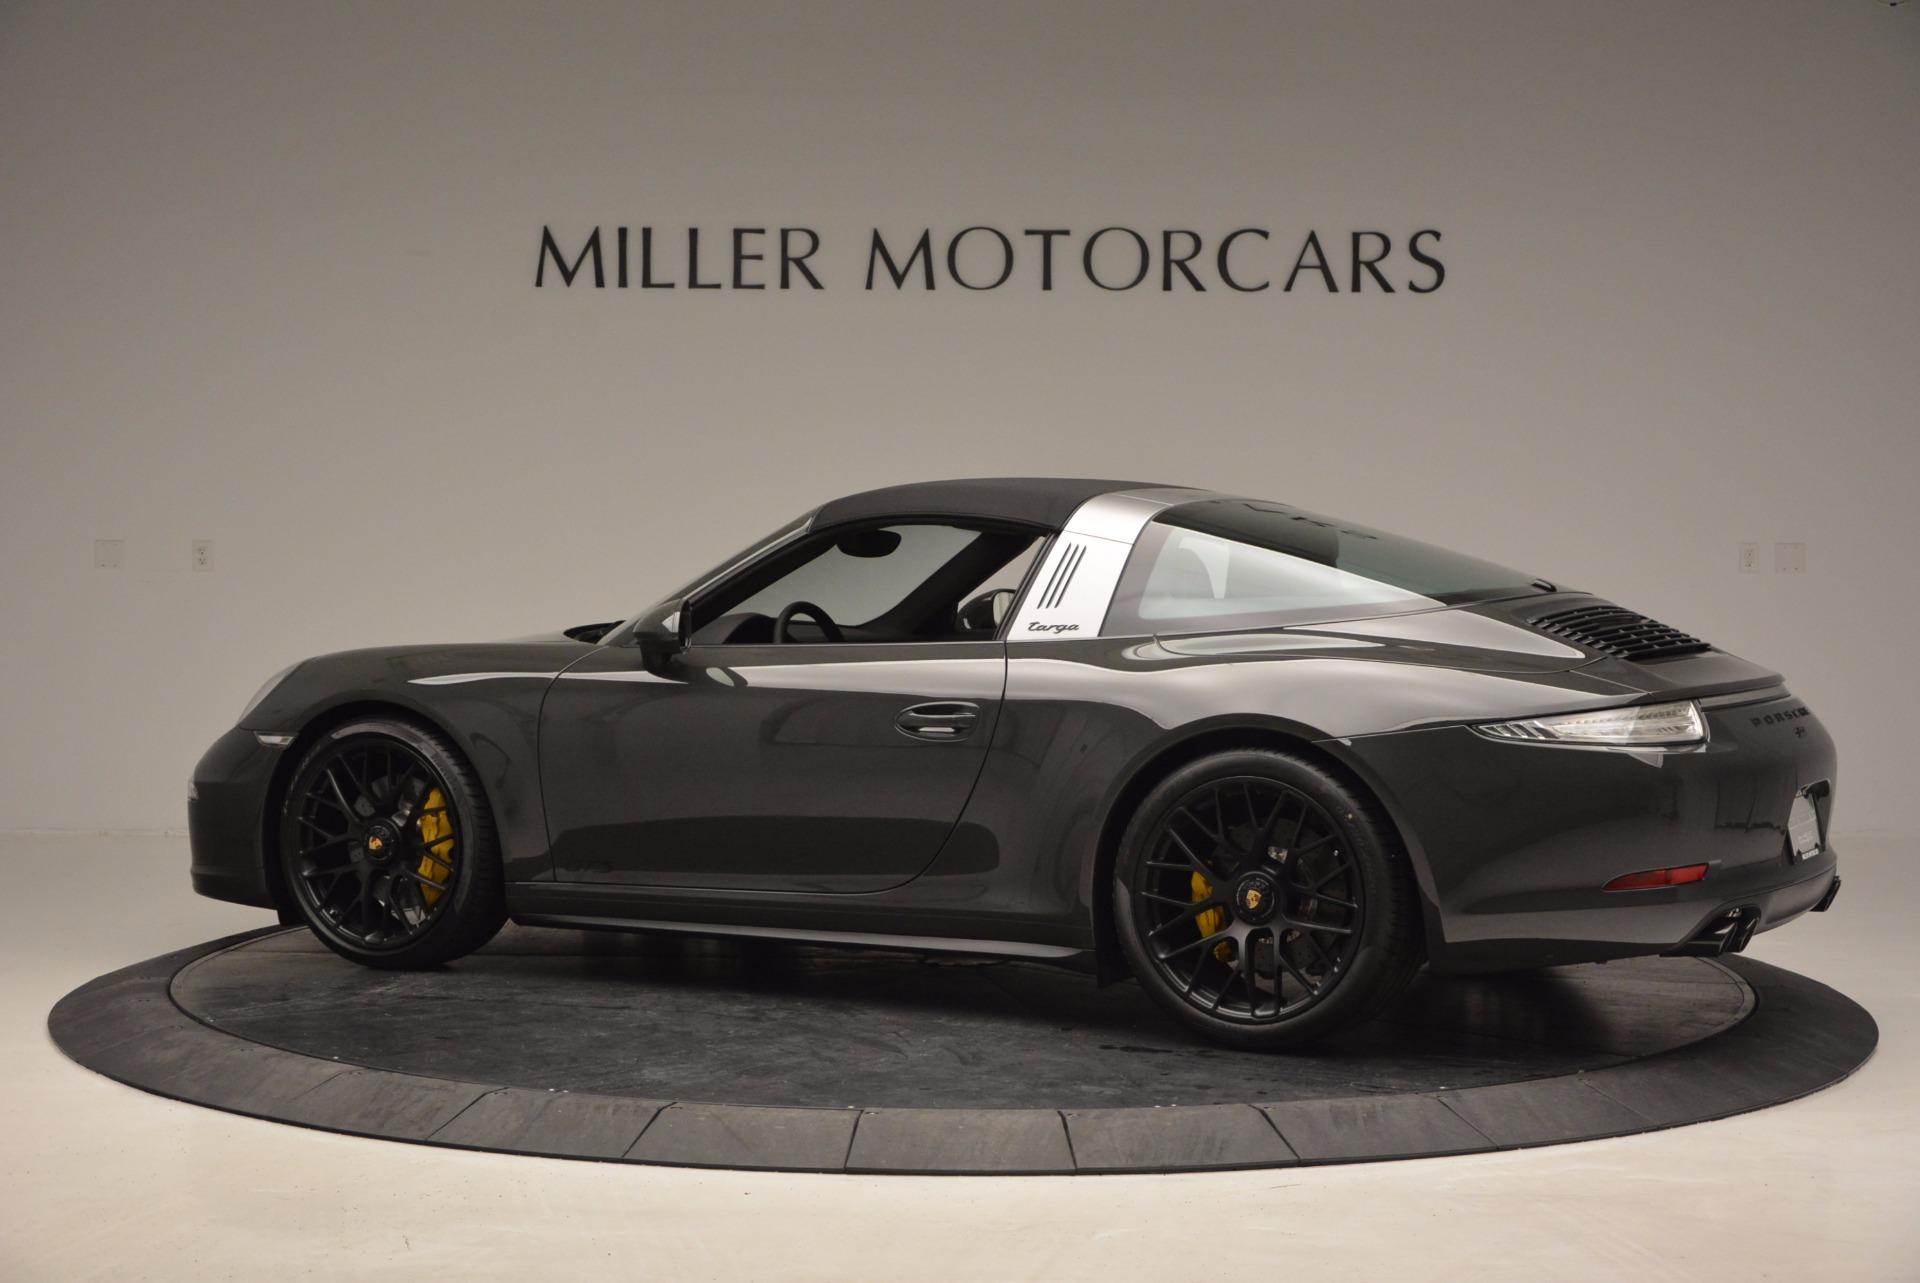 Used 2016 Porsche 911 Targa 4 GTS For Sale In Westport, CT 799_p15